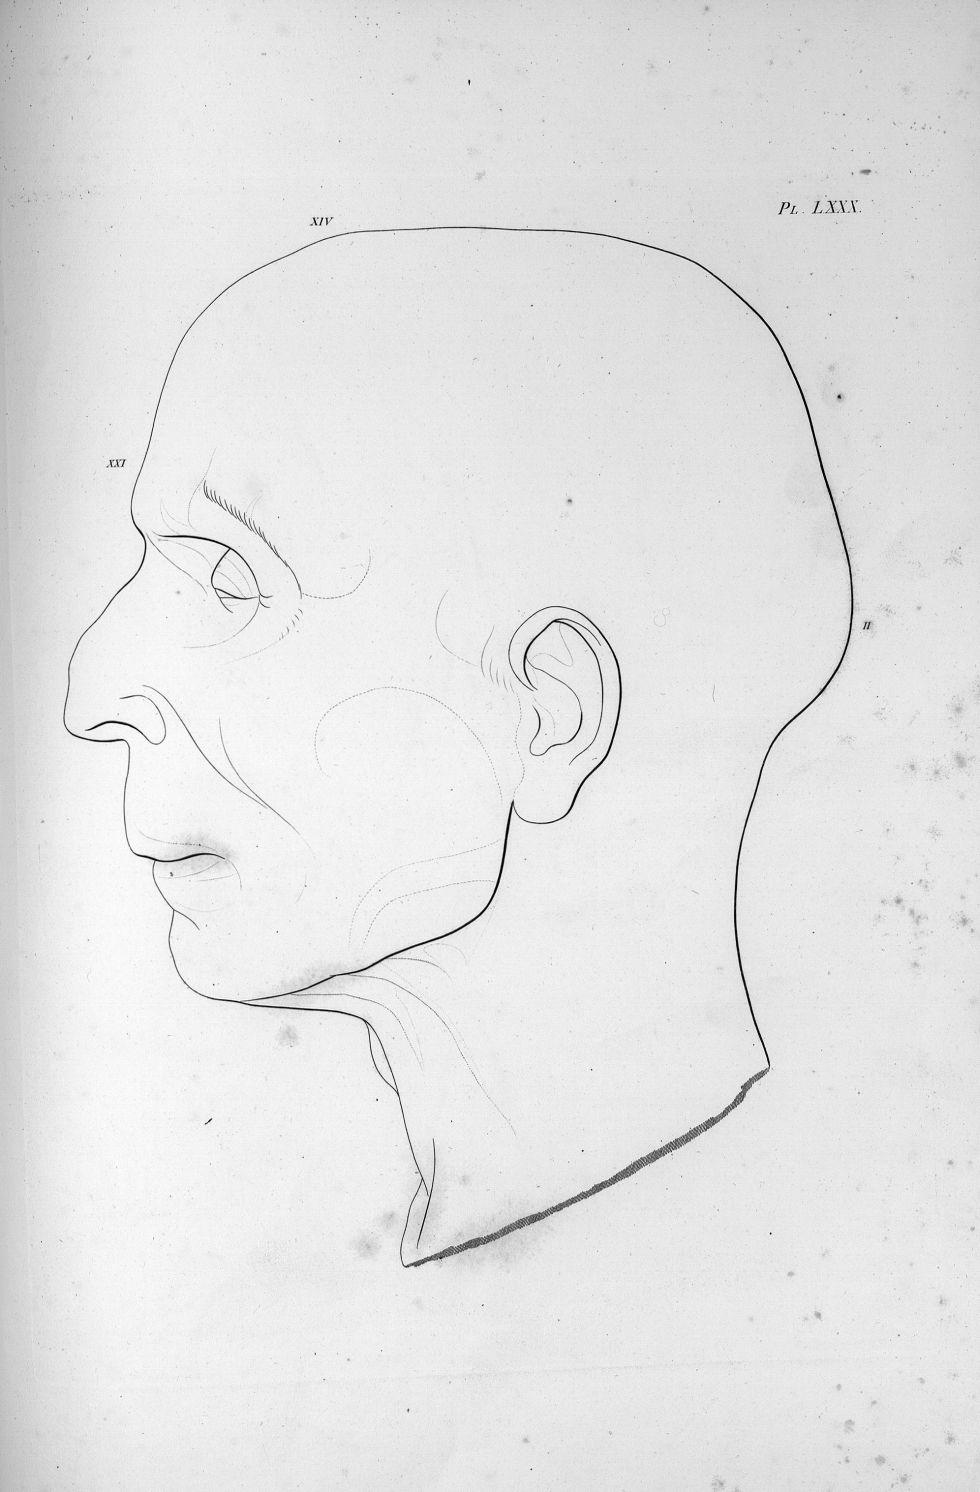 Pl. LXXX. L'abbé Gaultier, organe de l'amour des enfans - Anatomie et physiologie du système nerveux [...] - Anatomie. Neurologie. Crânes (têtes). Phrénologie. 19e siècle (France) - med00575x04x0293